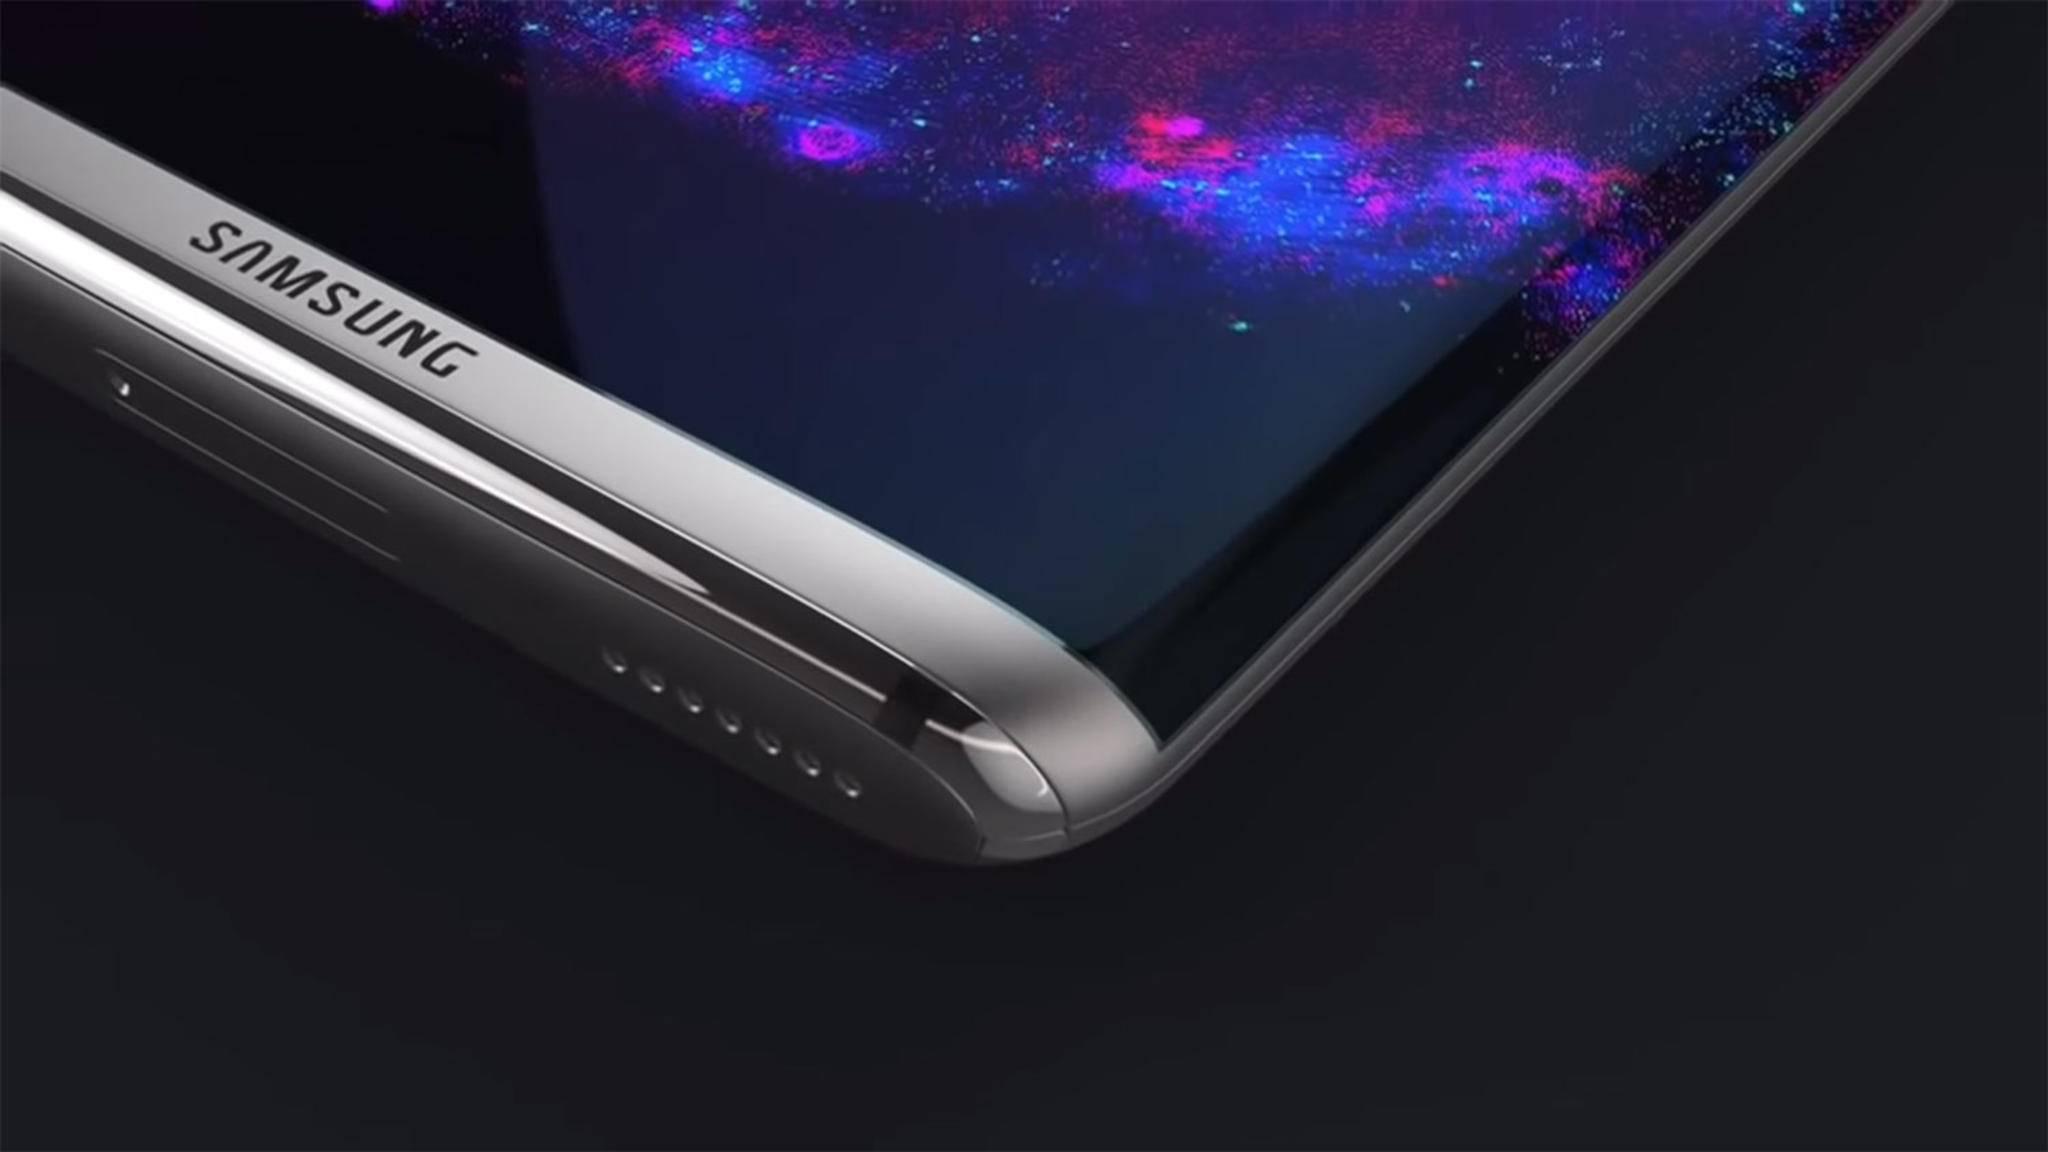 Das Galaxy S8 soll im Frühjahr 2017 erscheinen.